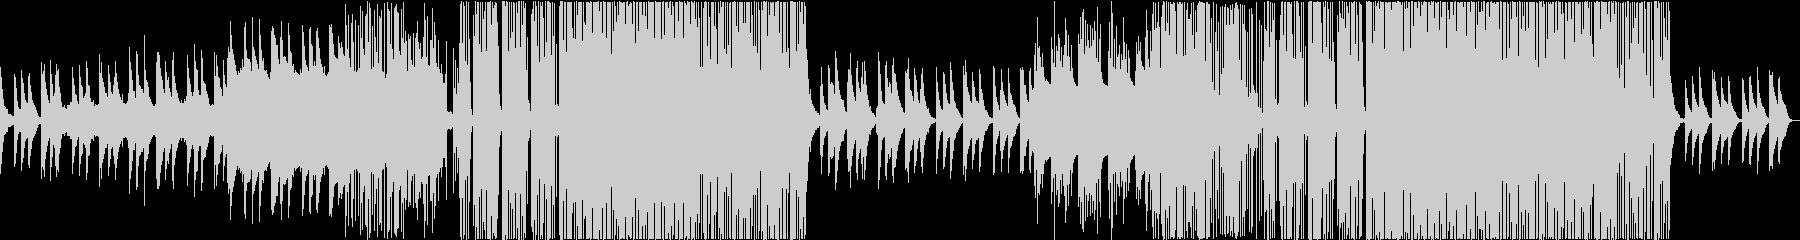 チルアウト、夜、ピアノ、エモーショナルの未再生の波形